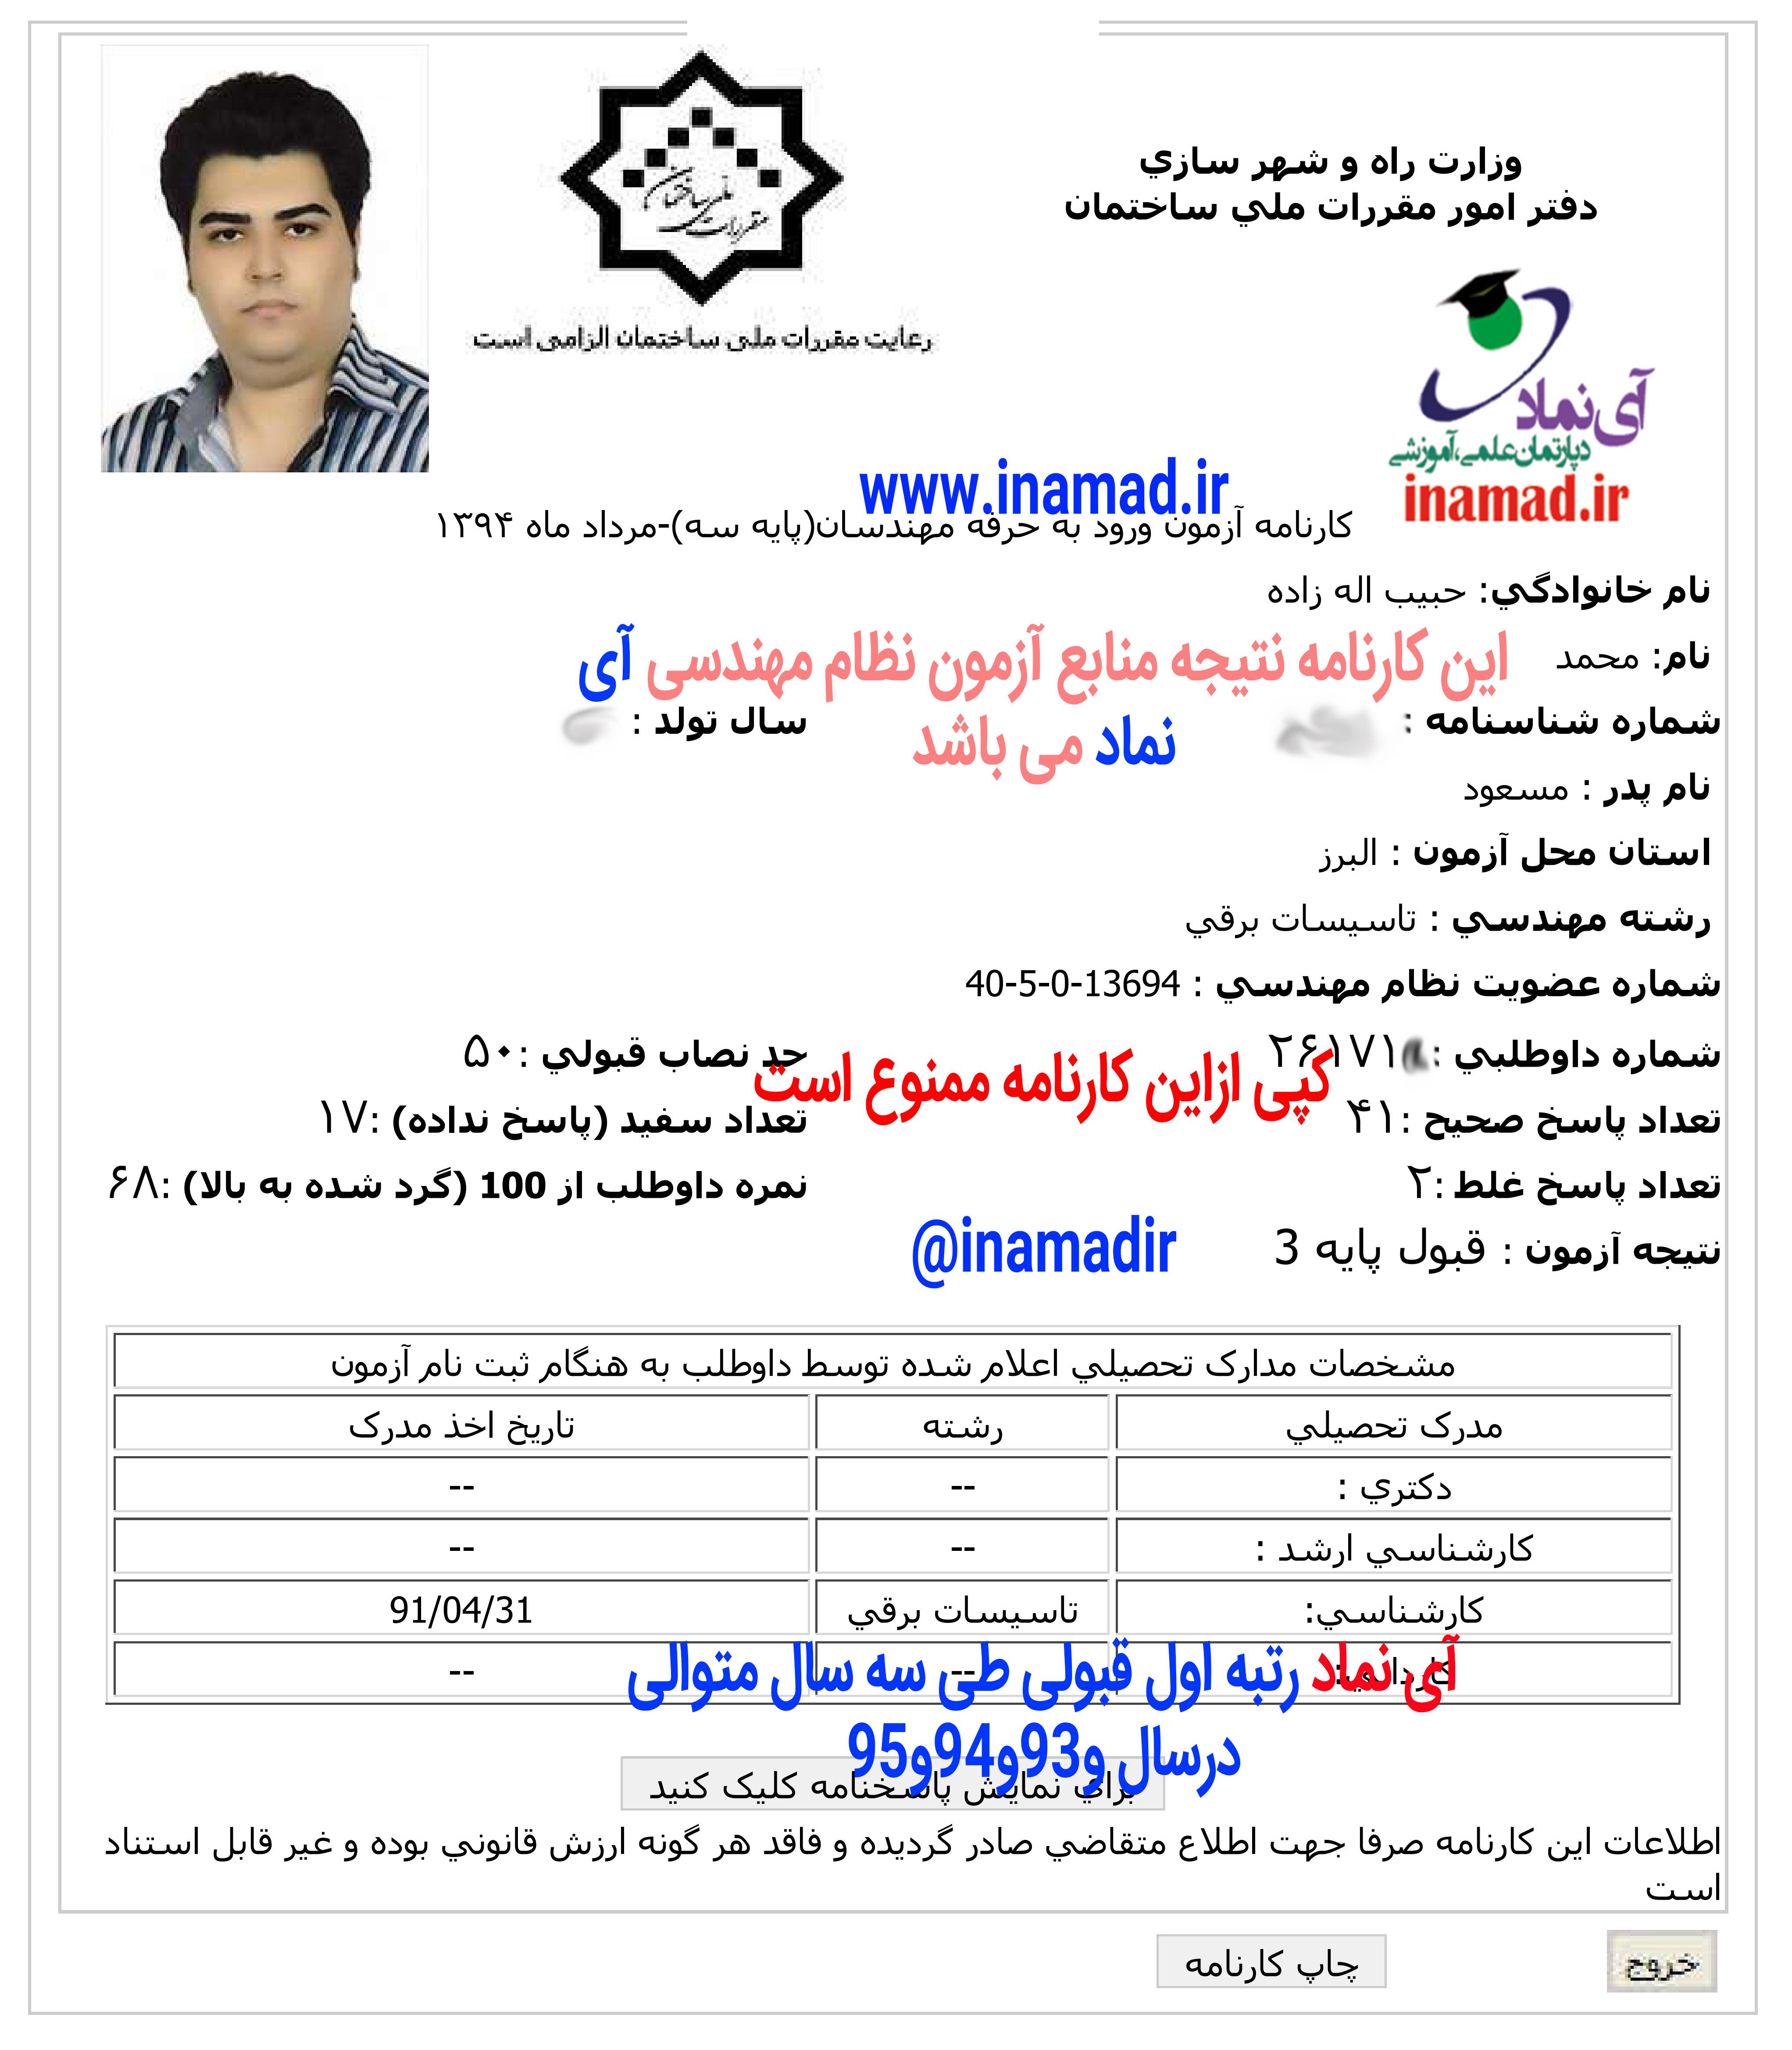 کارنامه های قبولی - 2 - کارنامه های قبولی